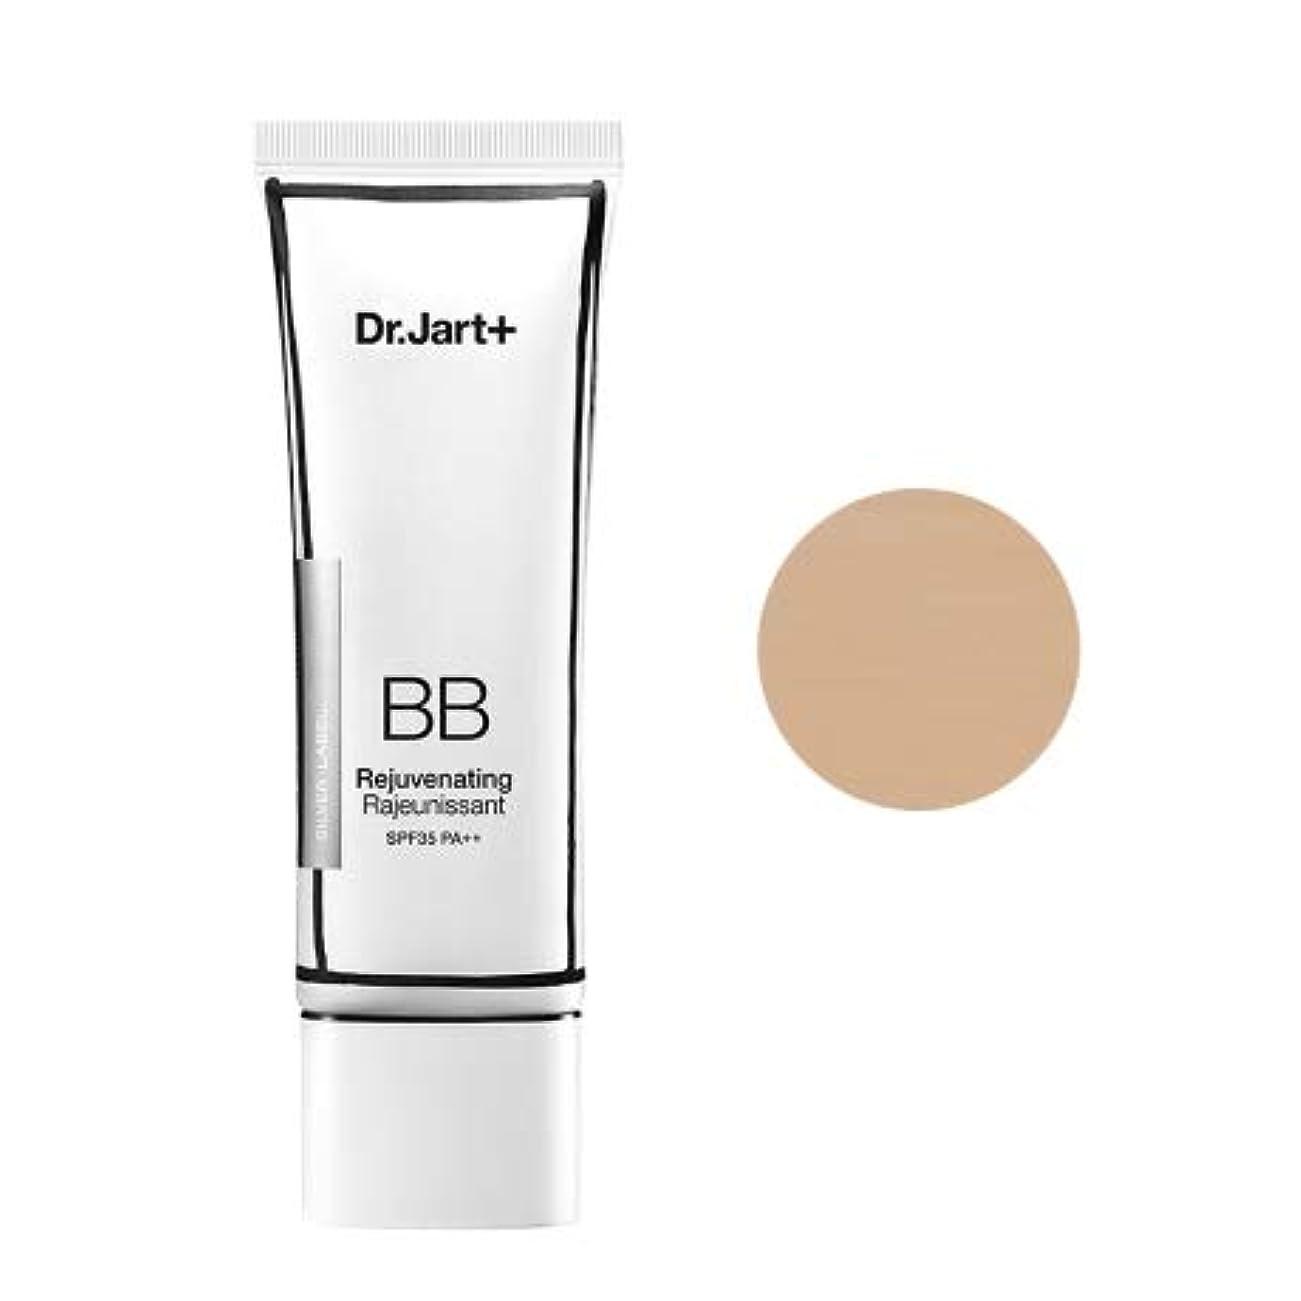 舞い上がる証明する水素[Upgrade] Dr.Jart+Dermakeup Rejuvenating Beauty Balm SPF35 PA++ 50ml /ドクタージャルトゥザメーキャップリージュビネイティンビューティーバーム SPF35...